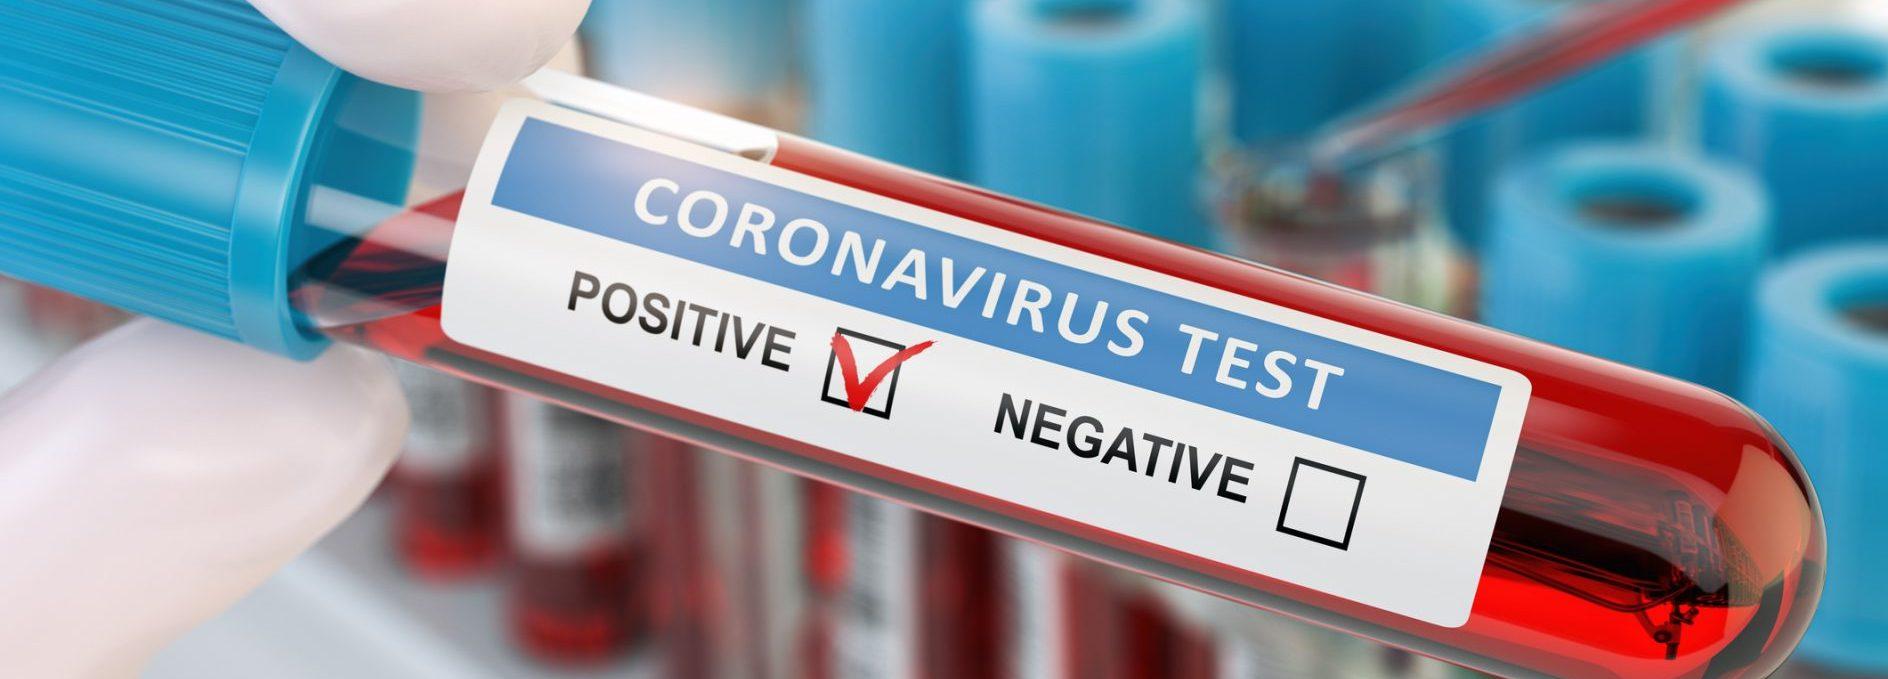 CoronaVirus Pandemic Planning